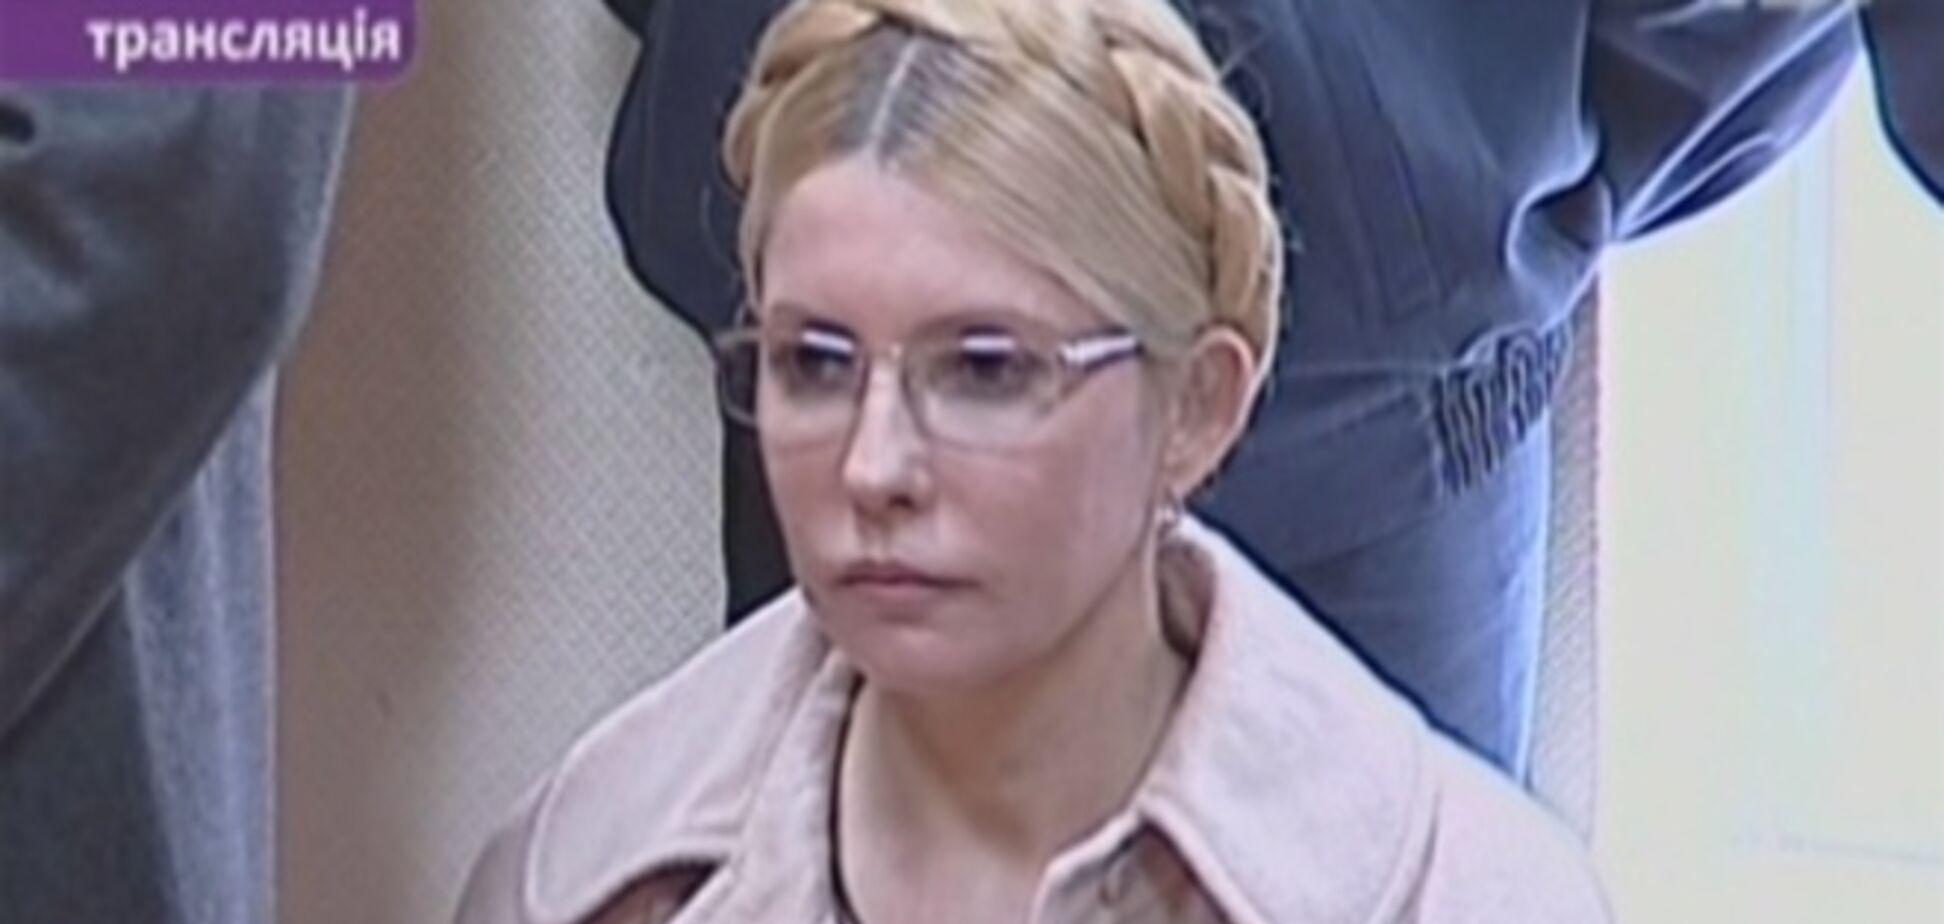 ГПУ впритул зайнялася суддею Кірєєвим